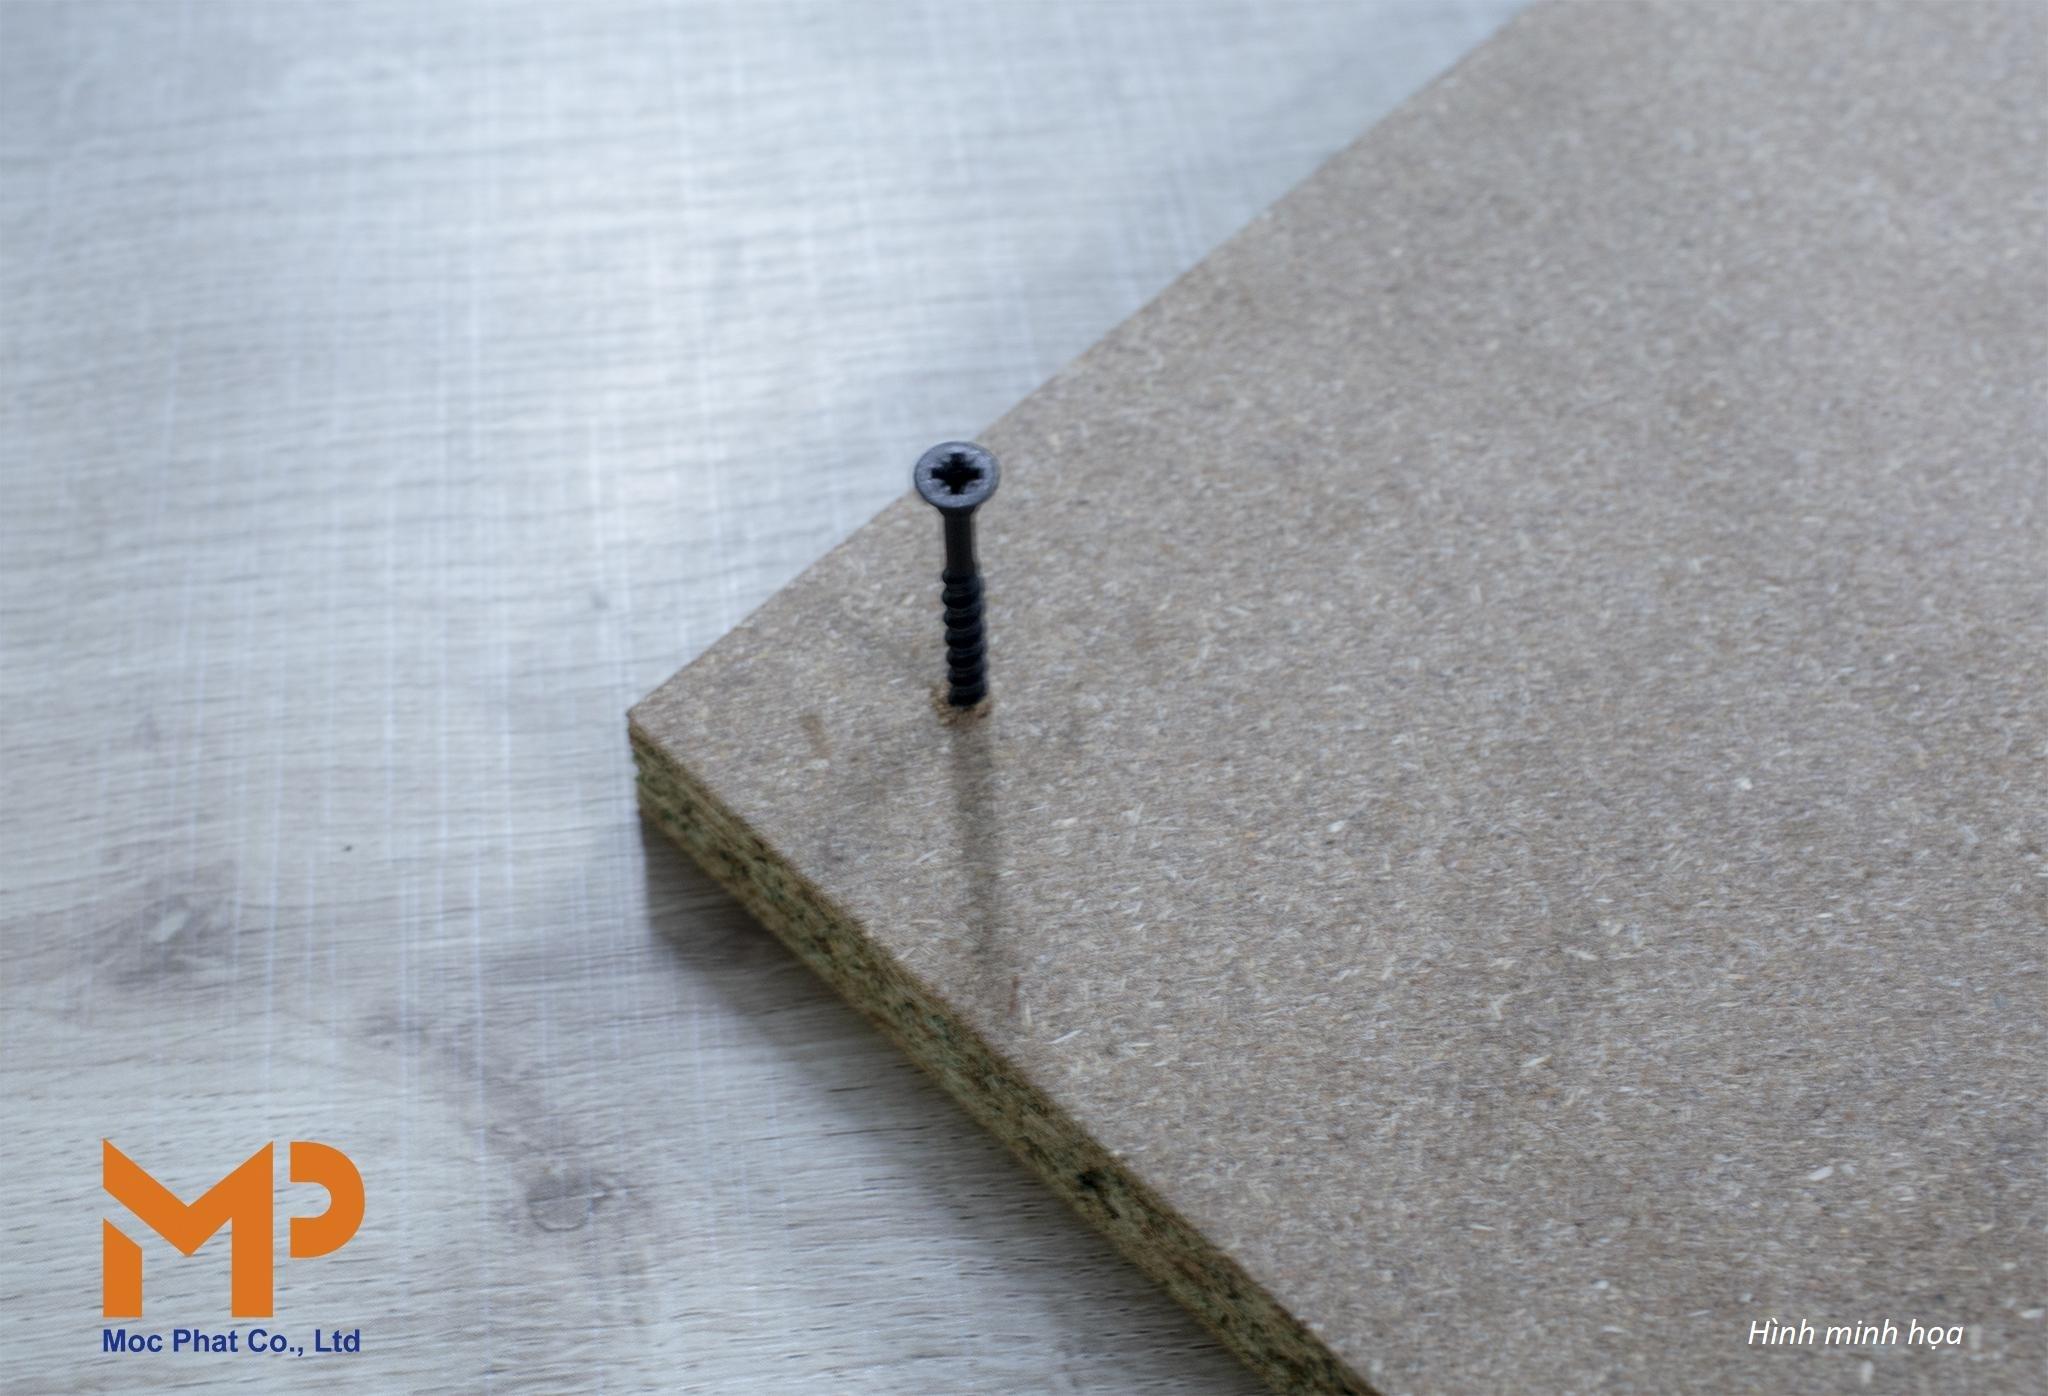 Cách thử lực bám vít trên bề mặt ván gỗ nhân tạo